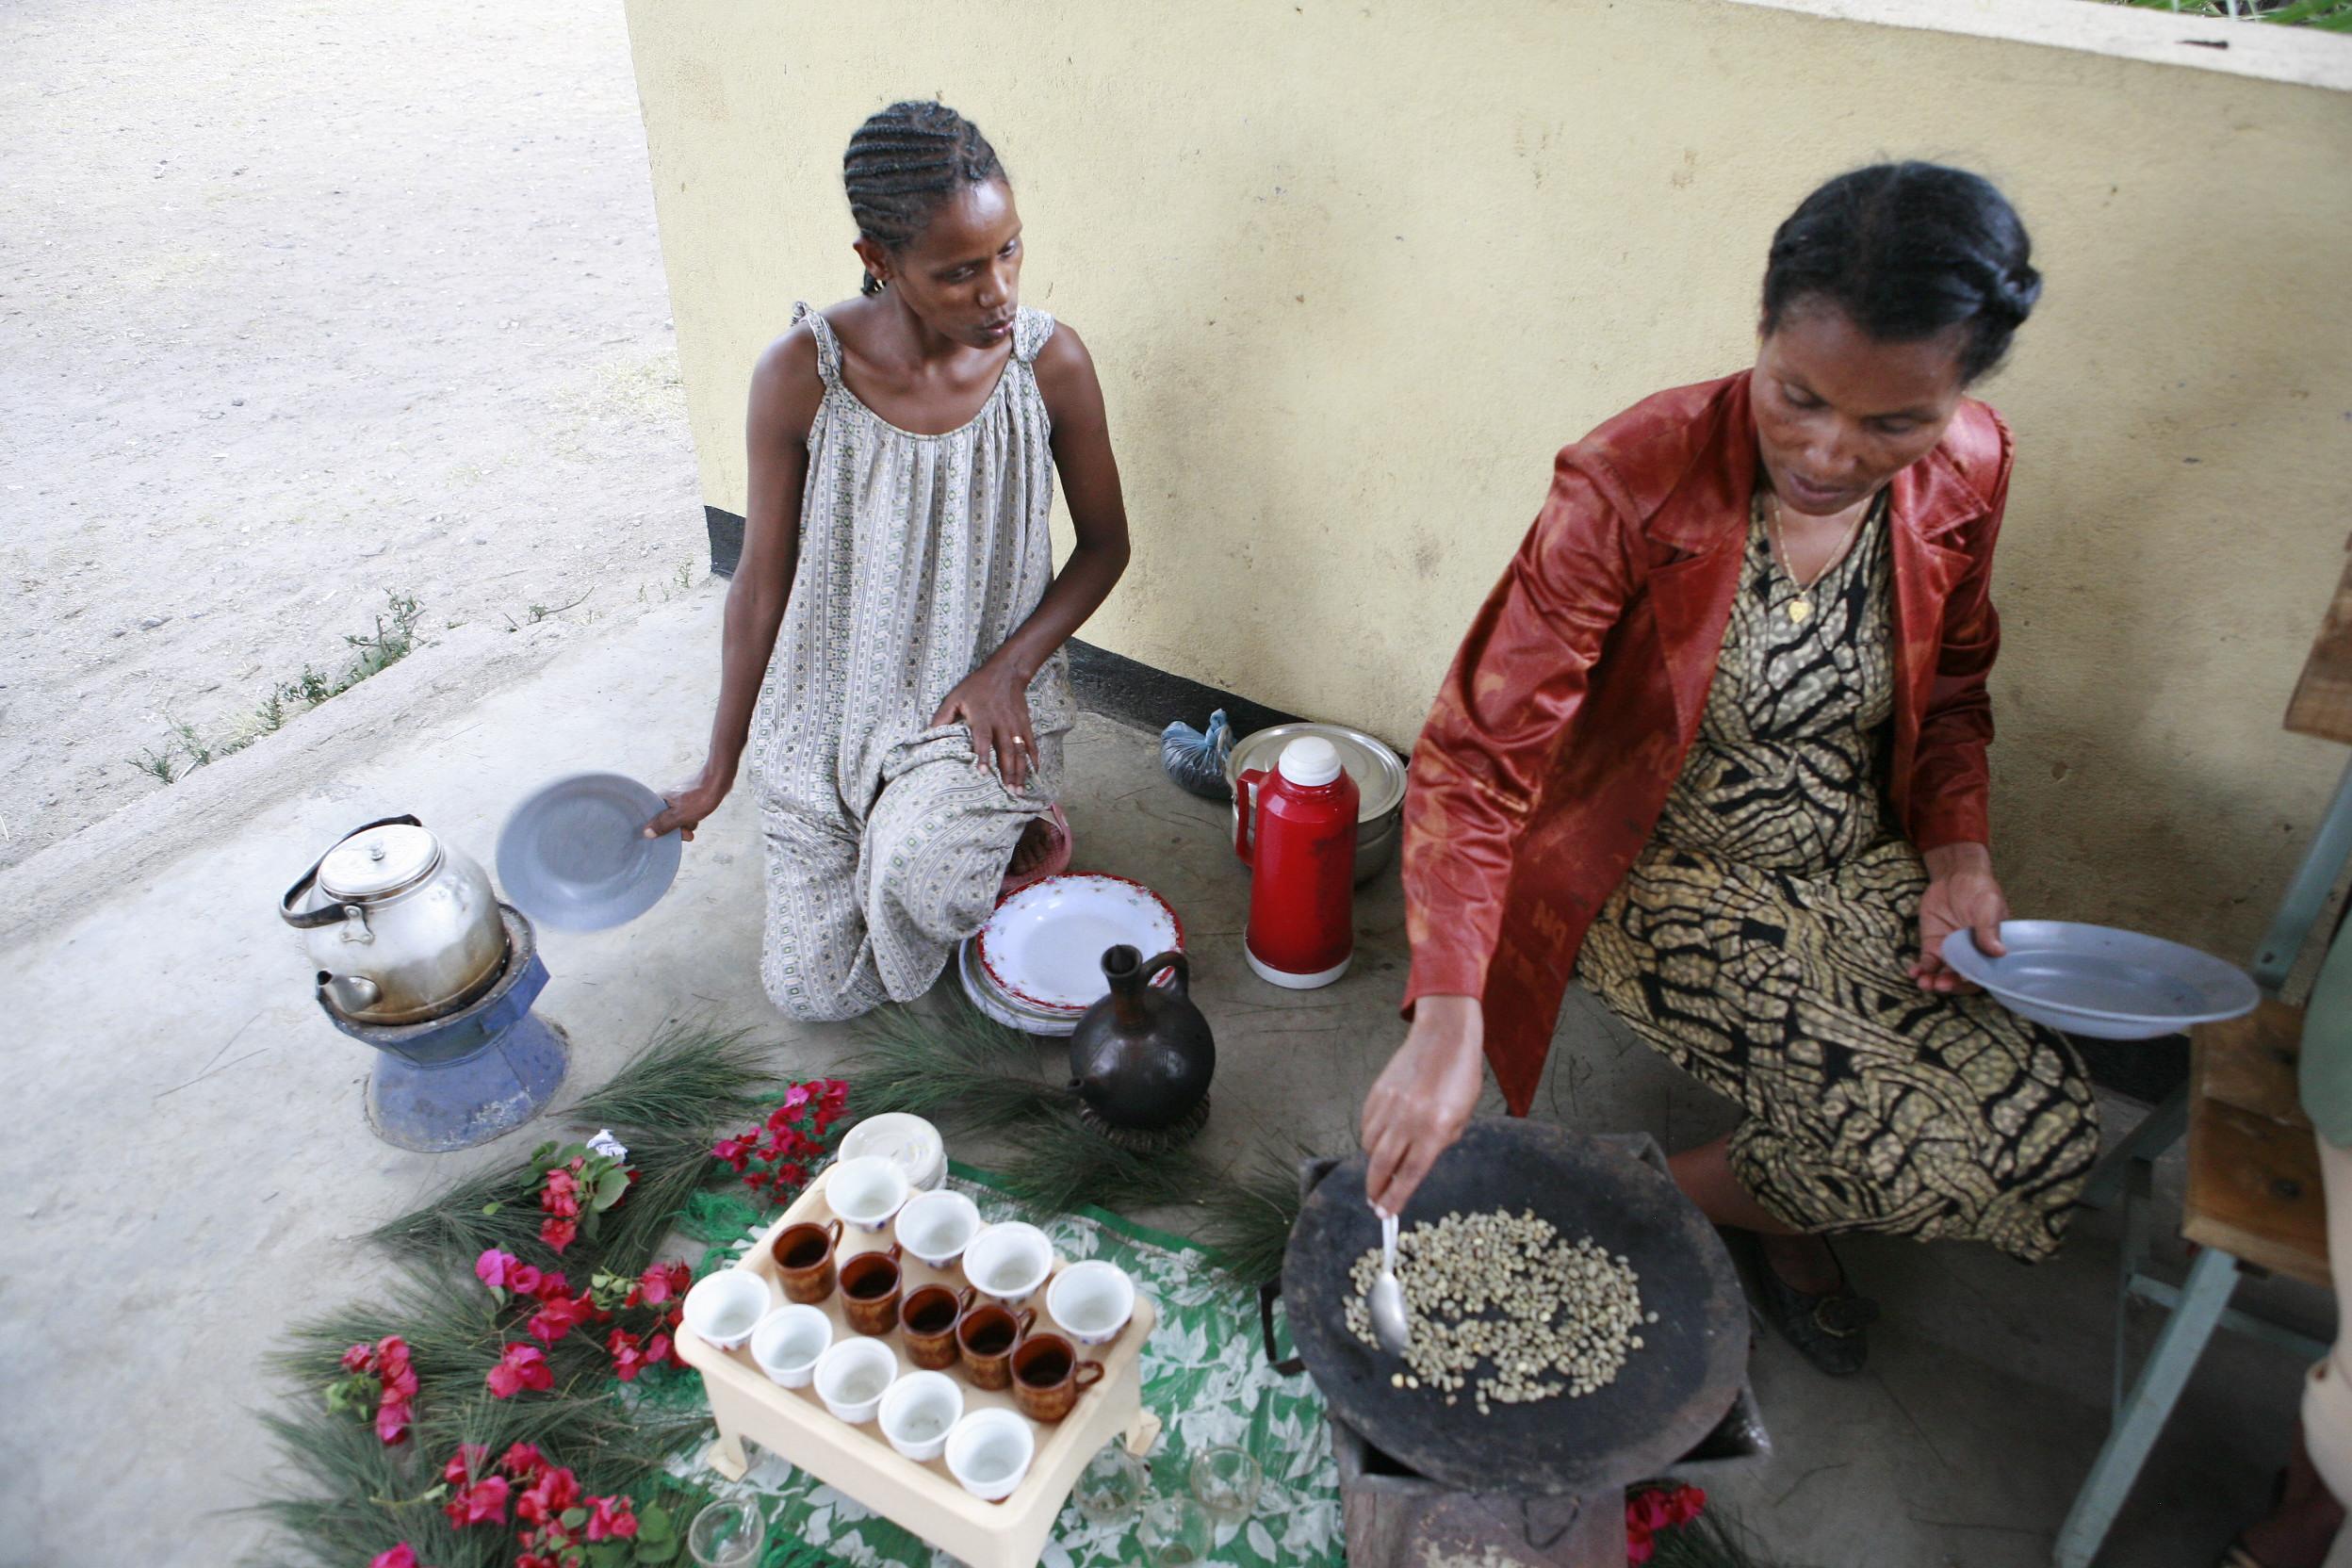 règles menstruelles croyances populaires culture pays femmes